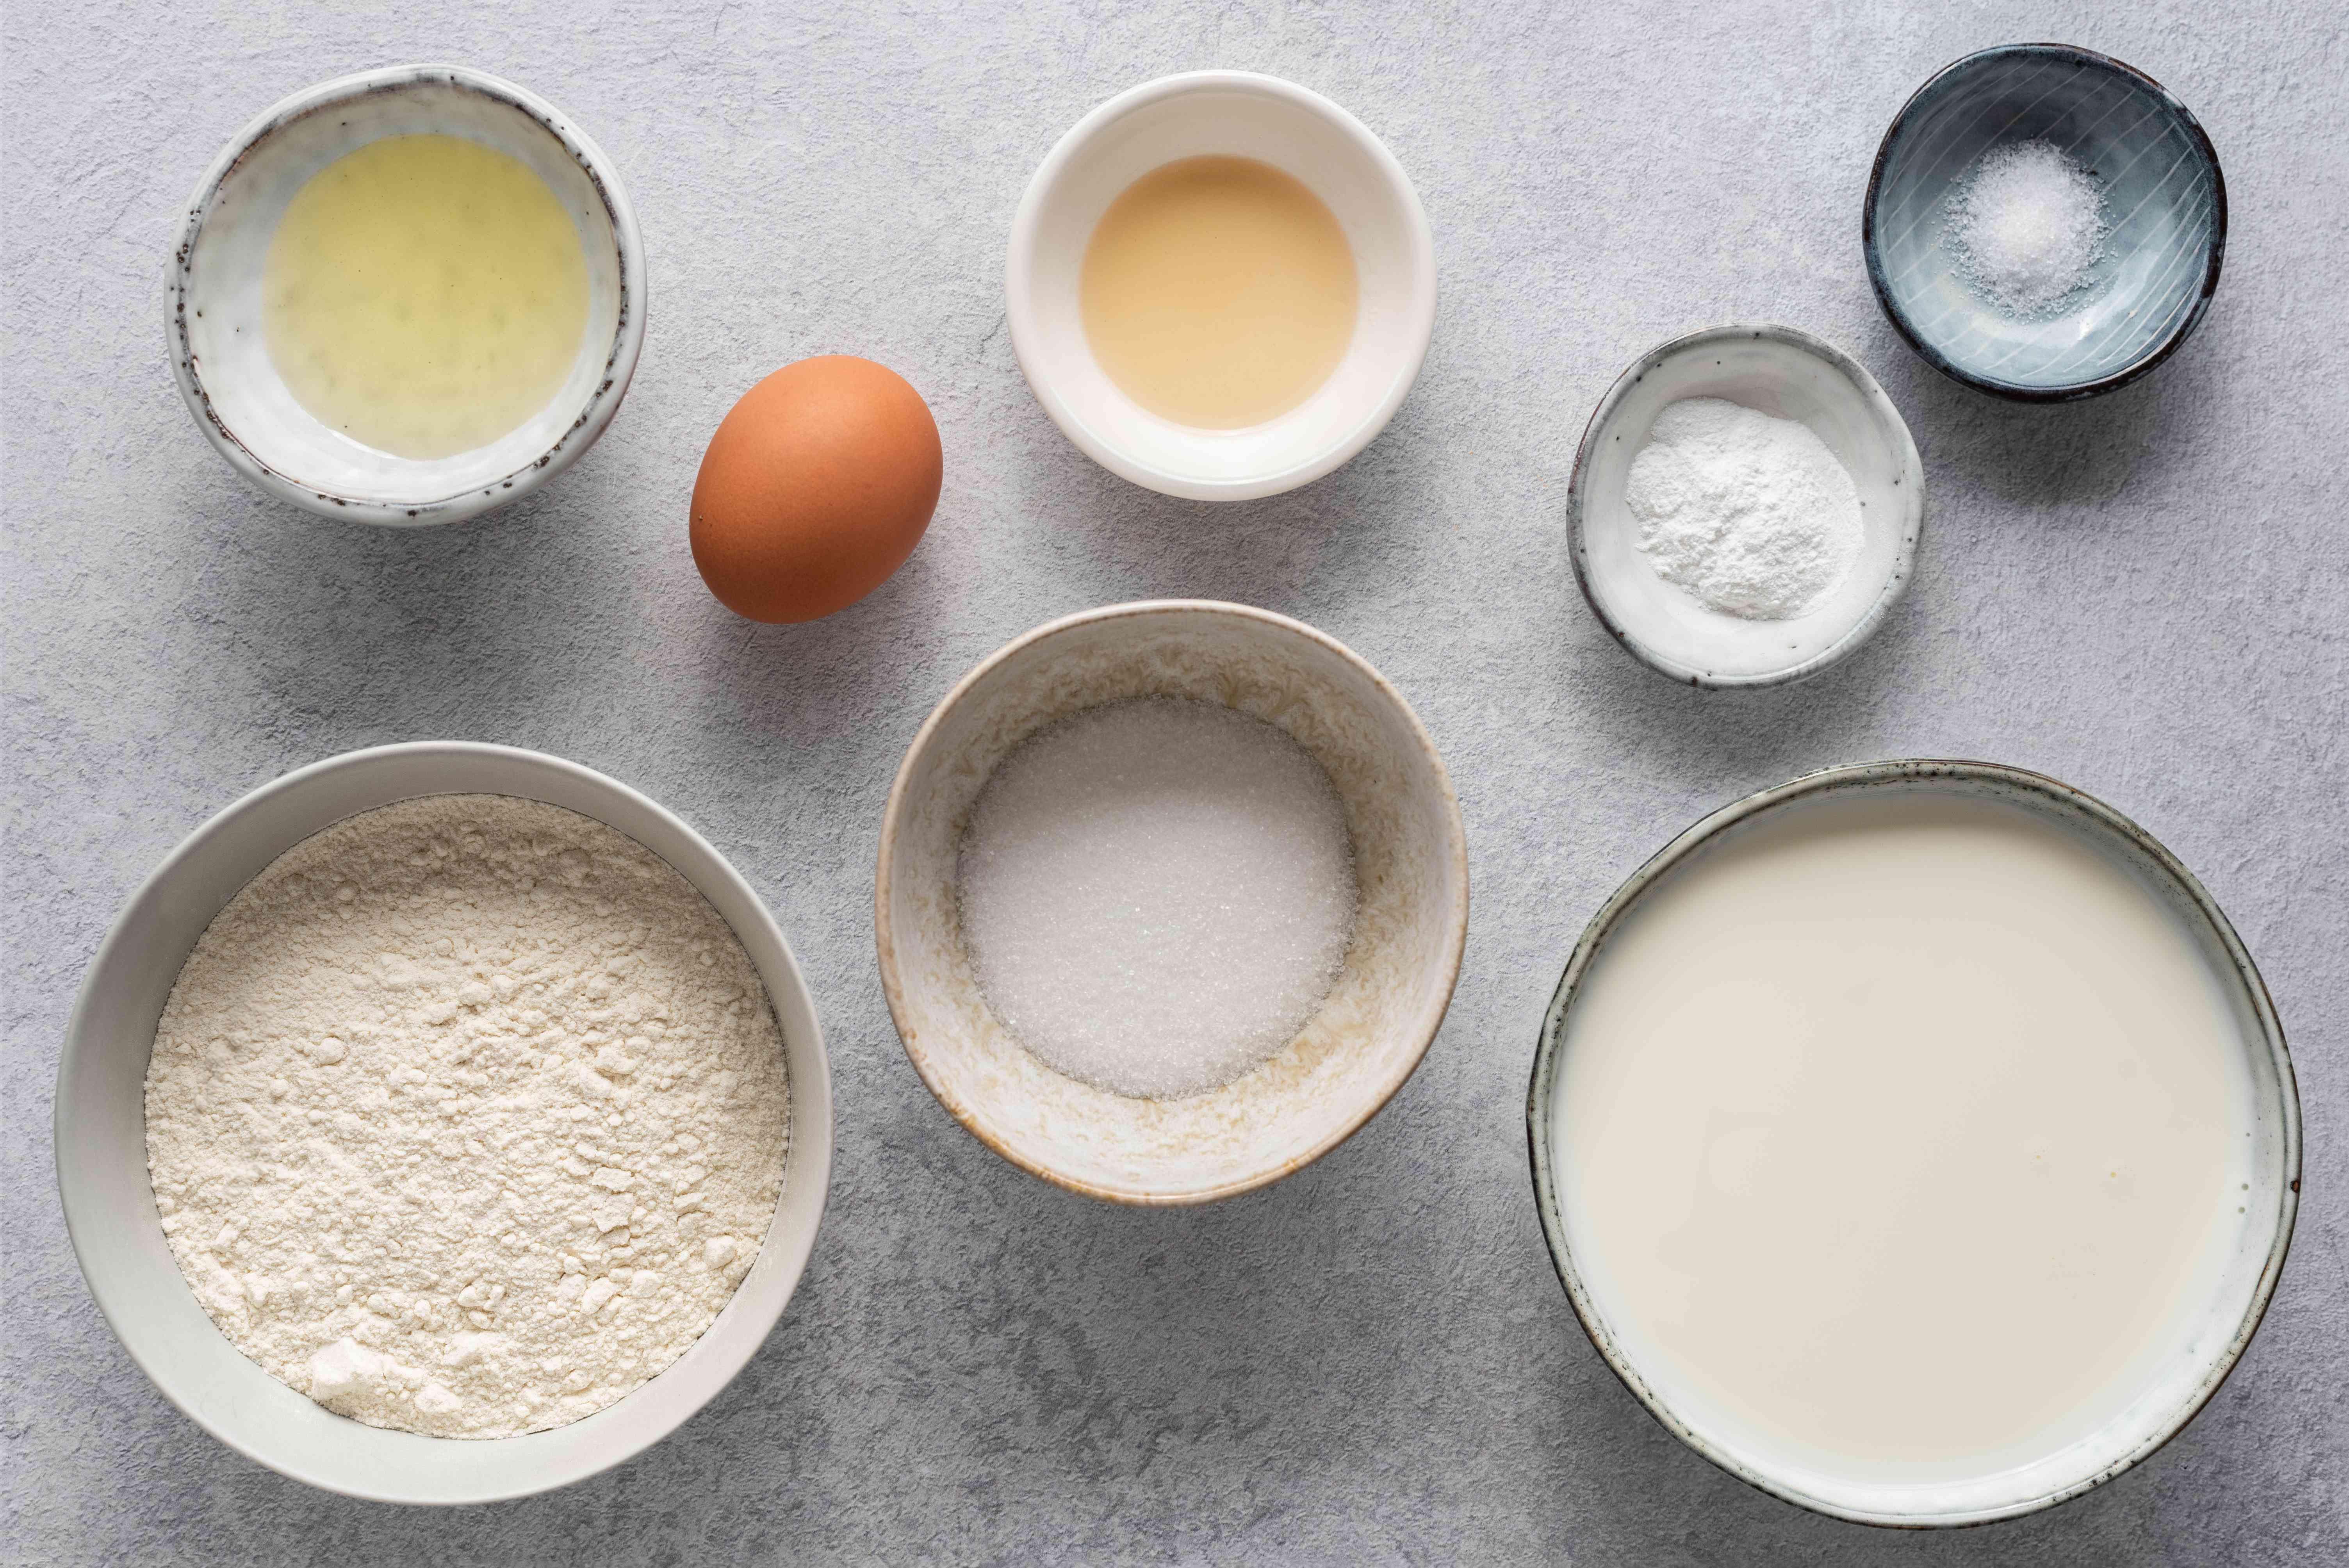 Basic Low-Fat Pancakes ingredients